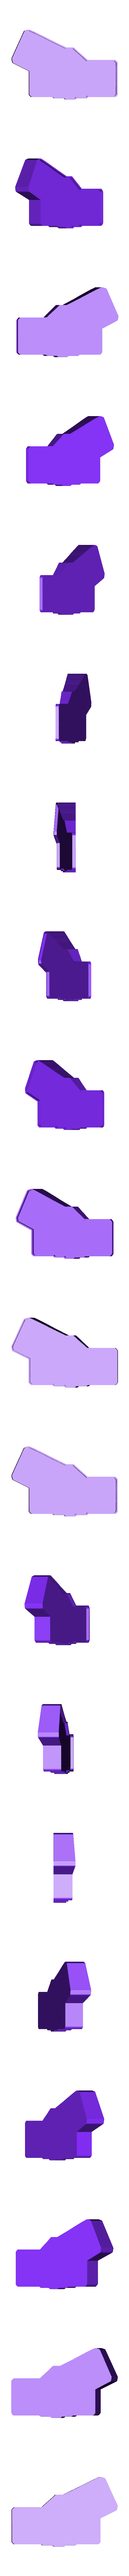 gergo-left-10.stl Télécharger fichier STL gratuit Étui ergonomique pour clavier Gergo • Plan pour imprimante 3D, rsheldiii